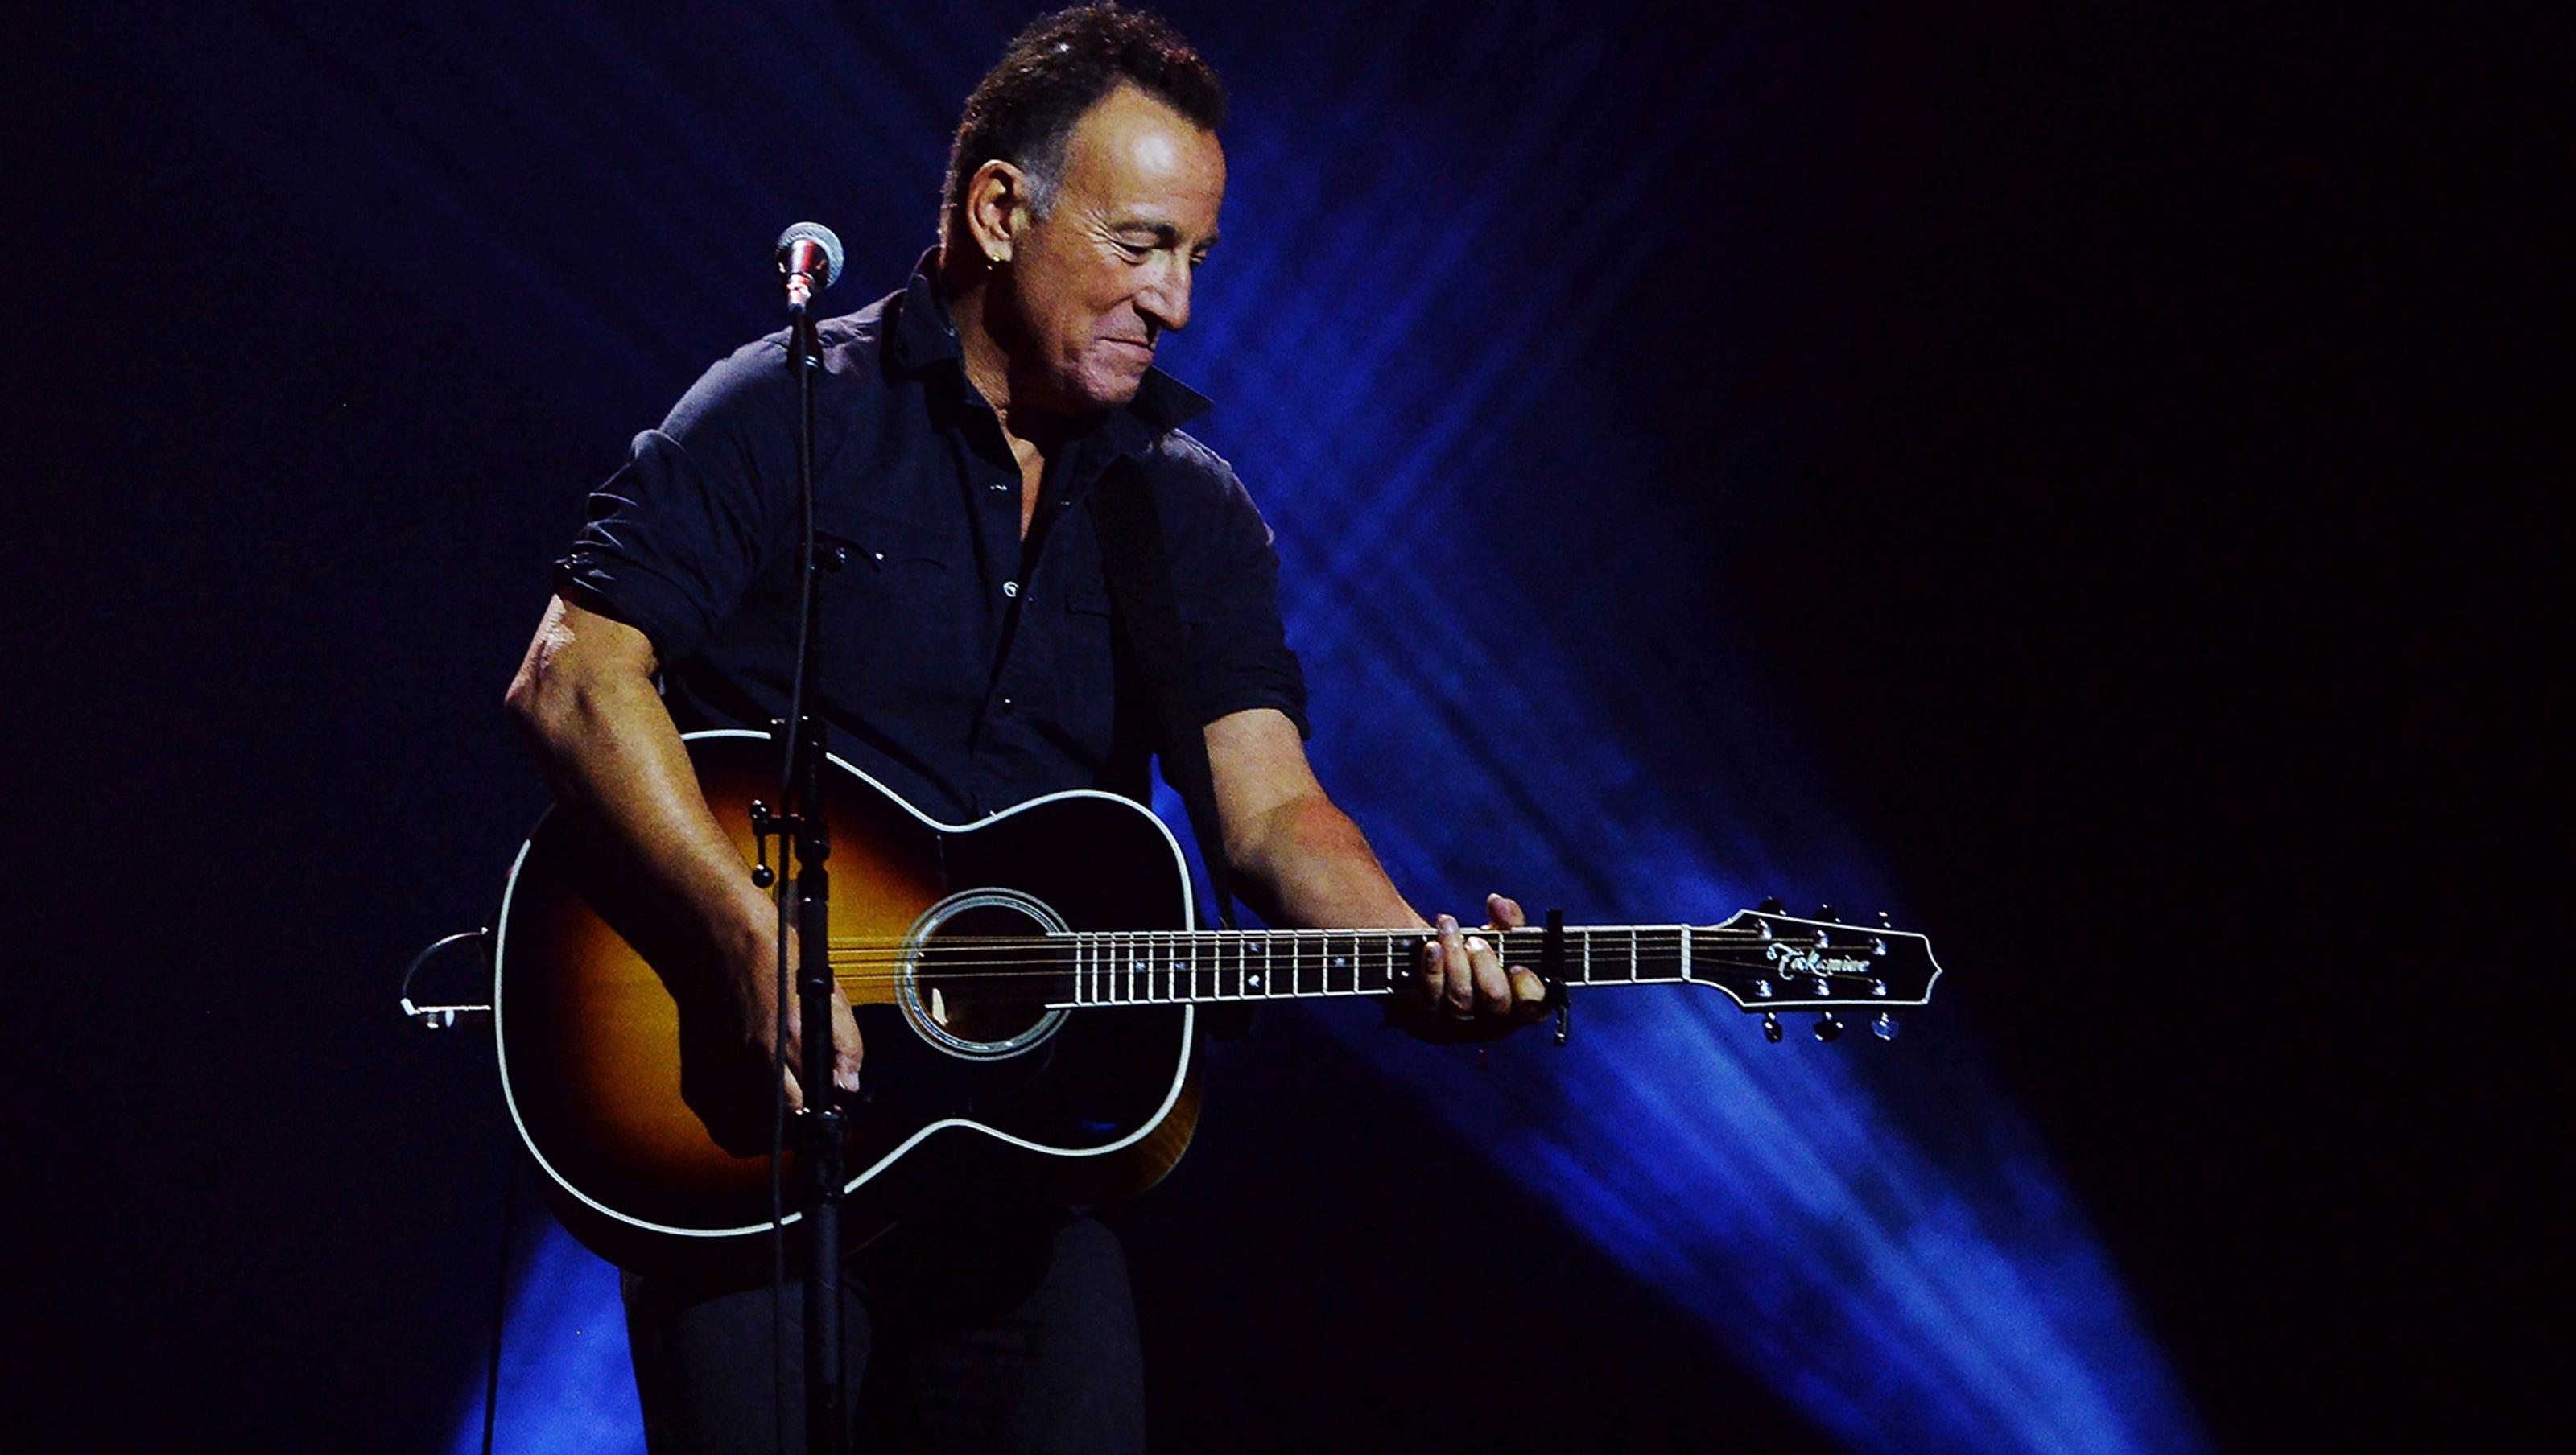 Springsteen S Born To Run Lyrics Headed For Sotheby S Auction